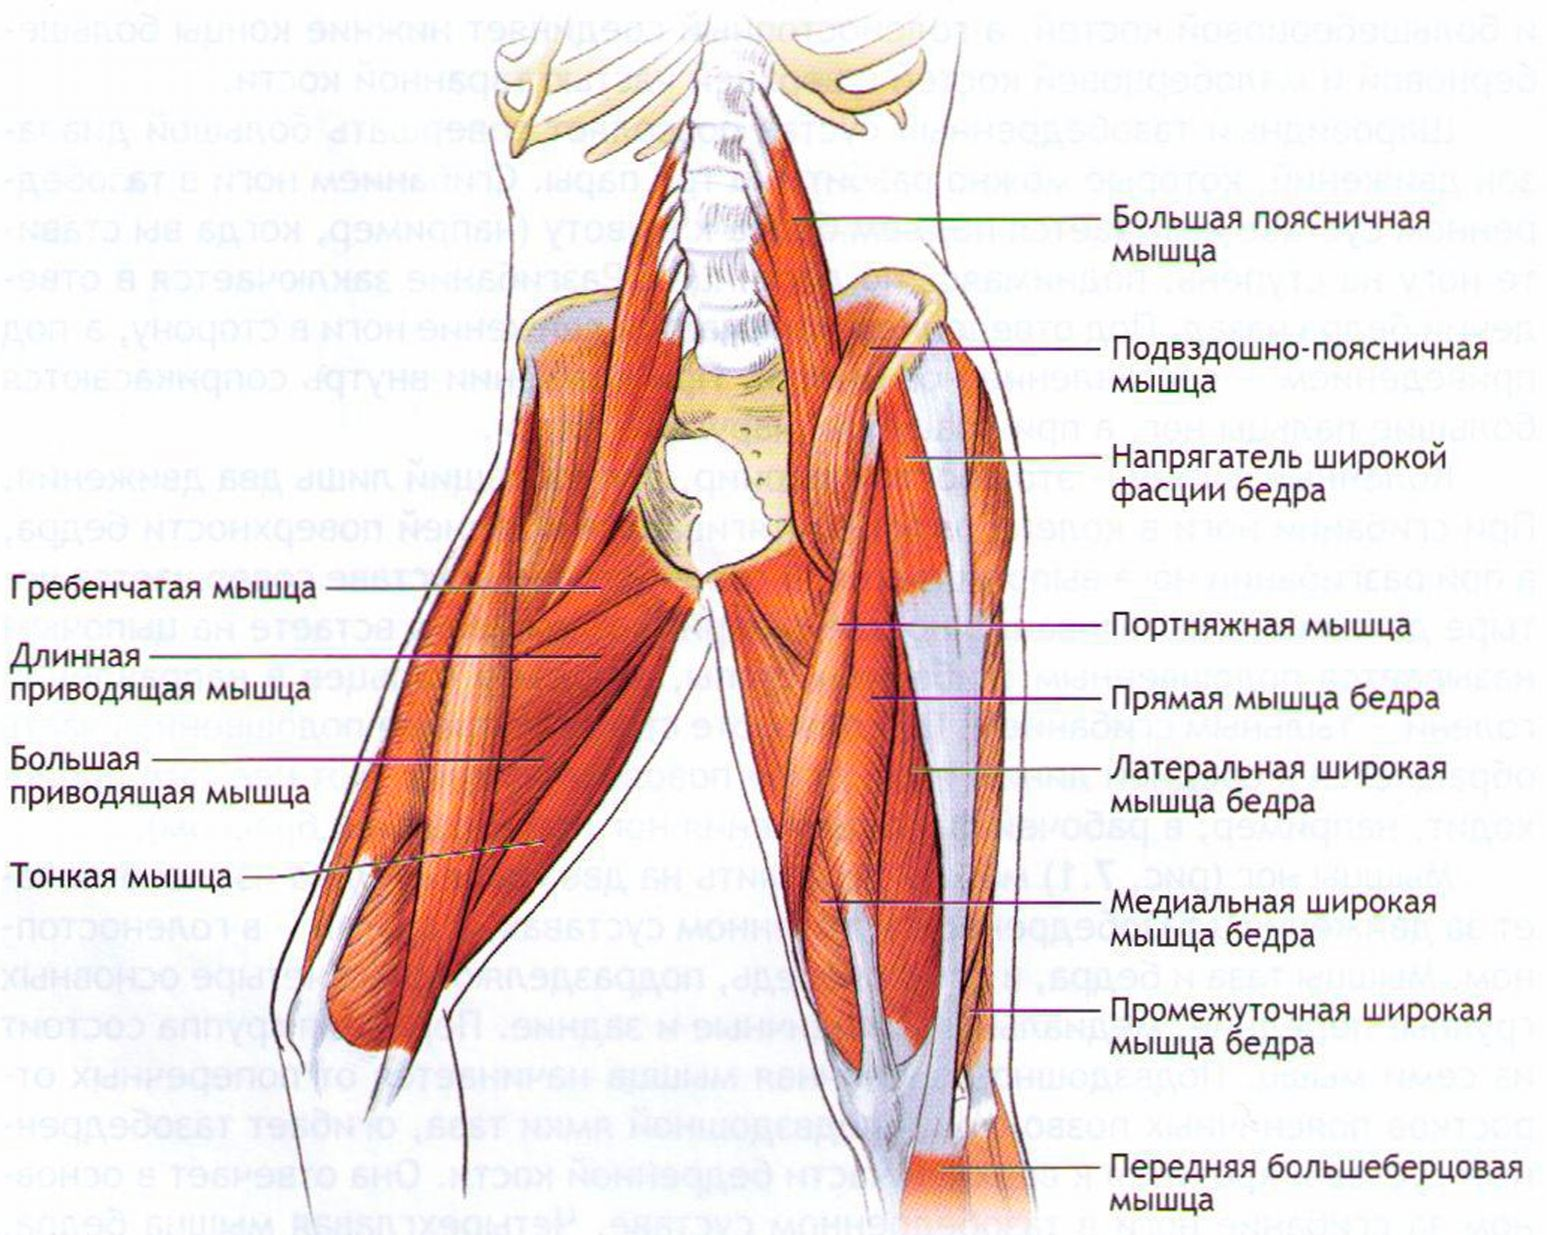 Мышца подъязычноязычная